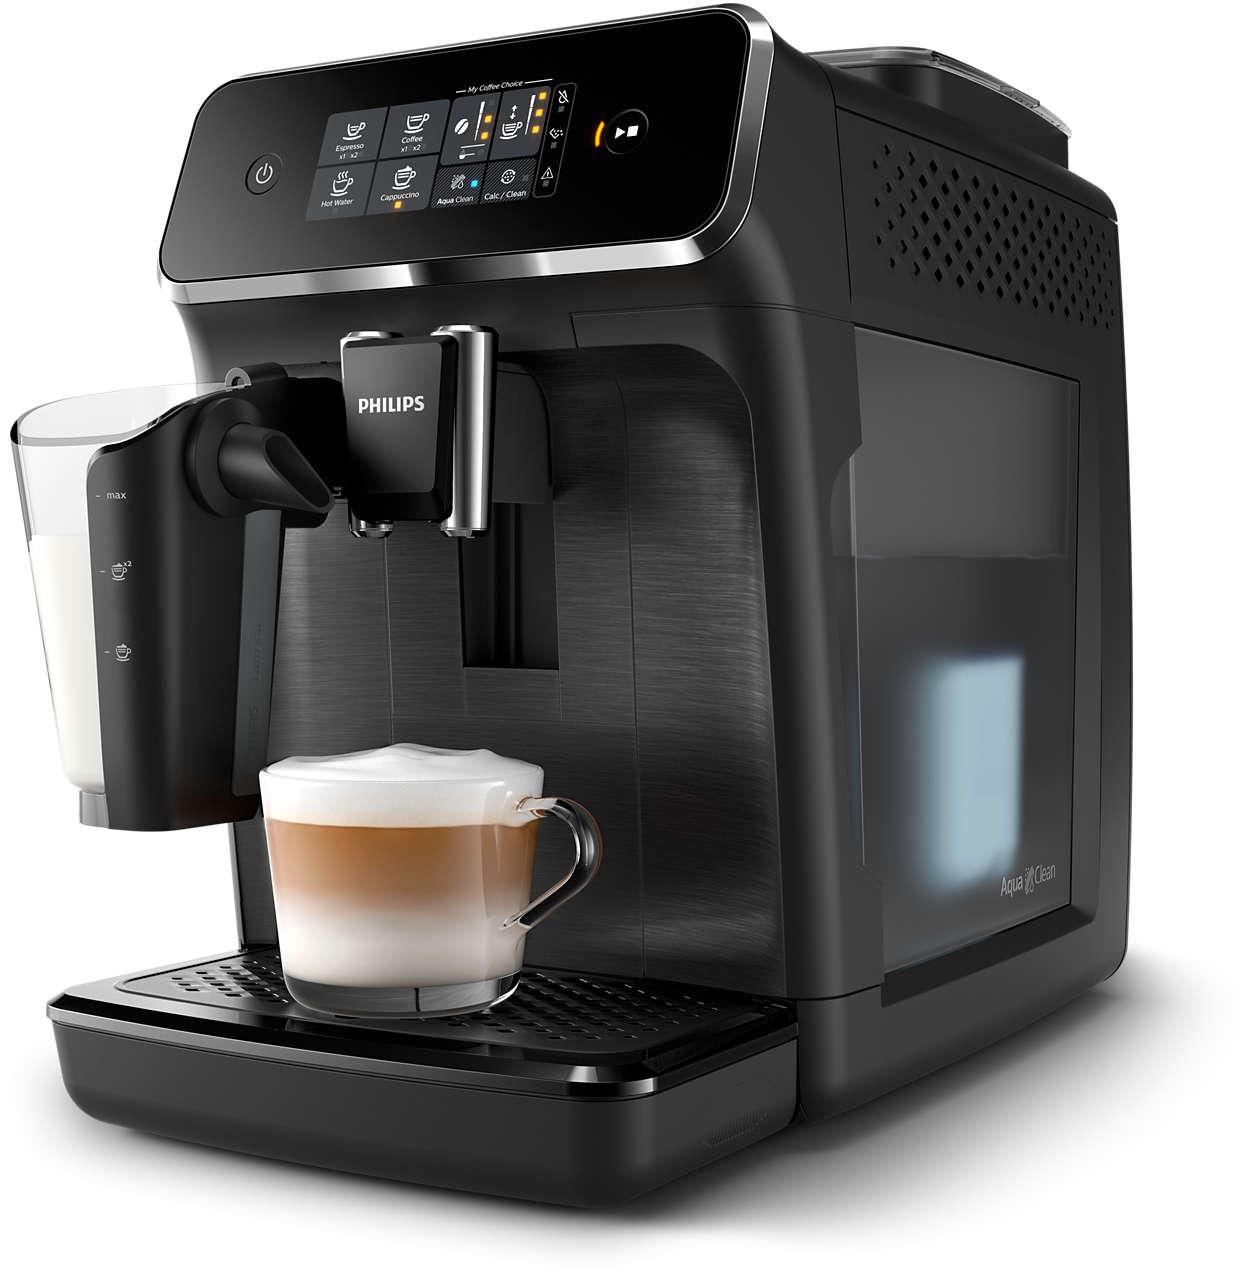 3 cafés deliciosos de grãos frescos, mais fáceis do que nunca